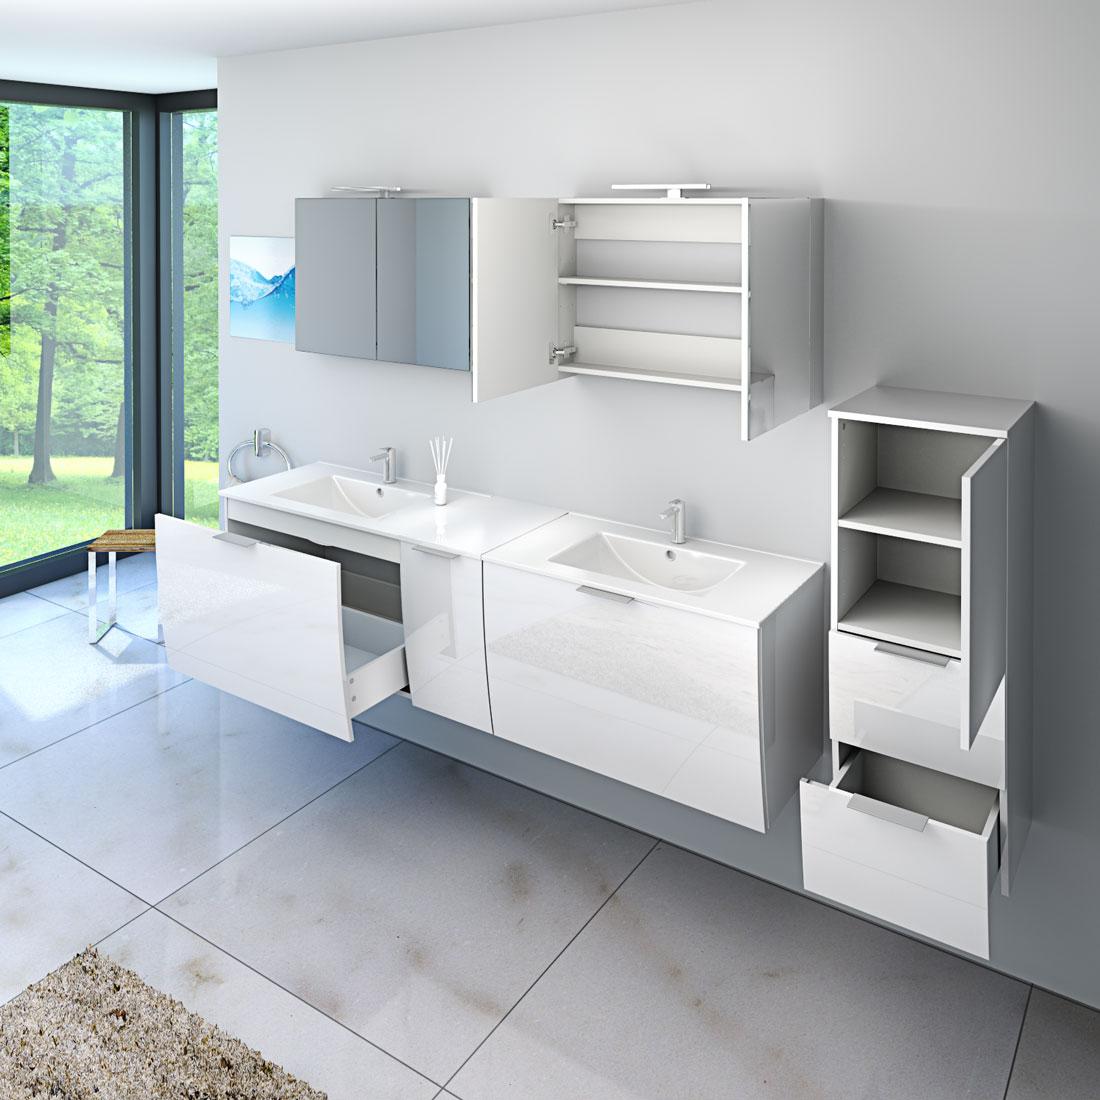 badm bel set gently 1 v1 hochglanz wei badezimmerm bel waschtisch 80cm. Black Bedroom Furniture Sets. Home Design Ideas